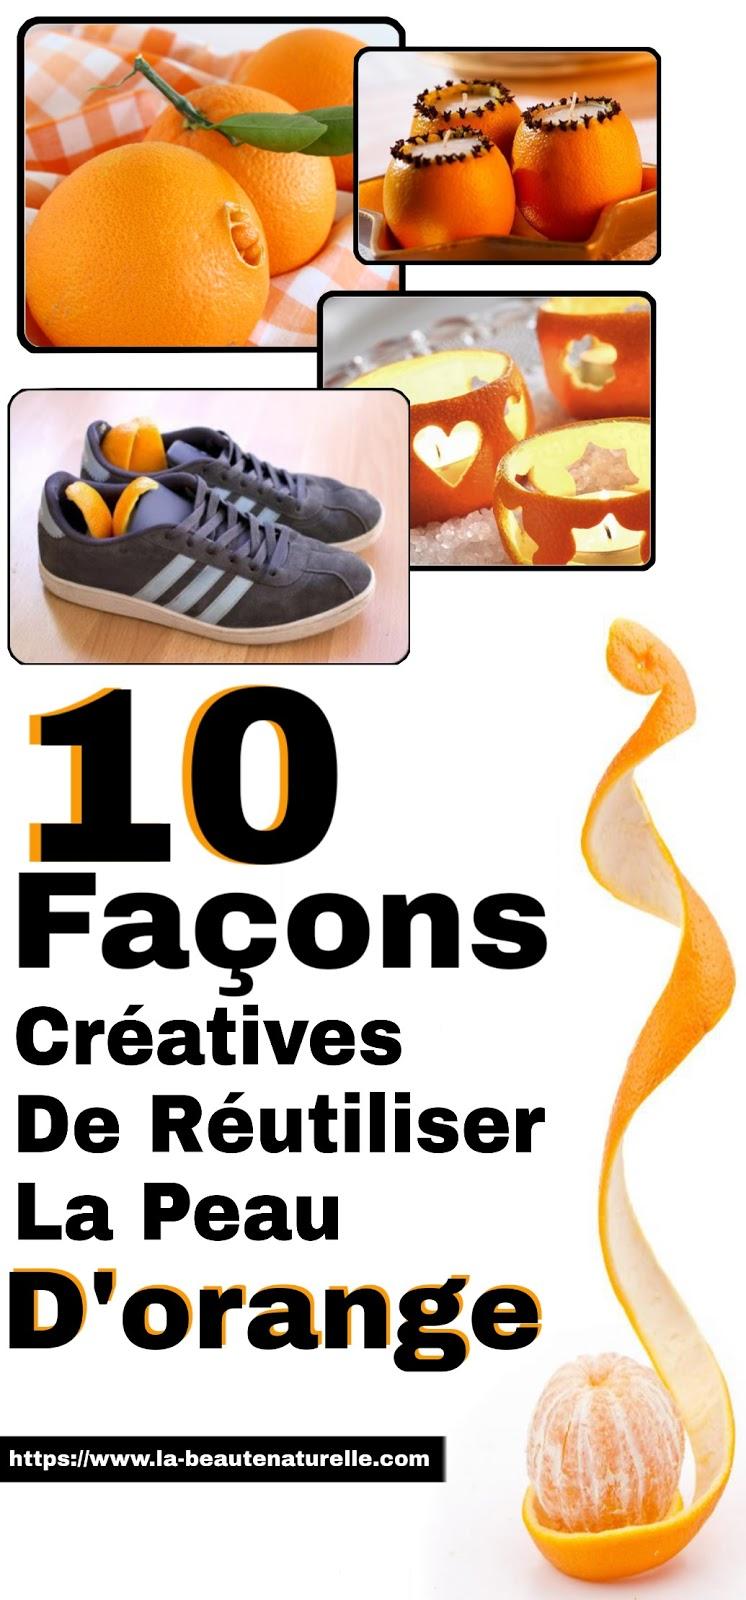 10 Façons Créatives De Réutiliser La Peau D'orange